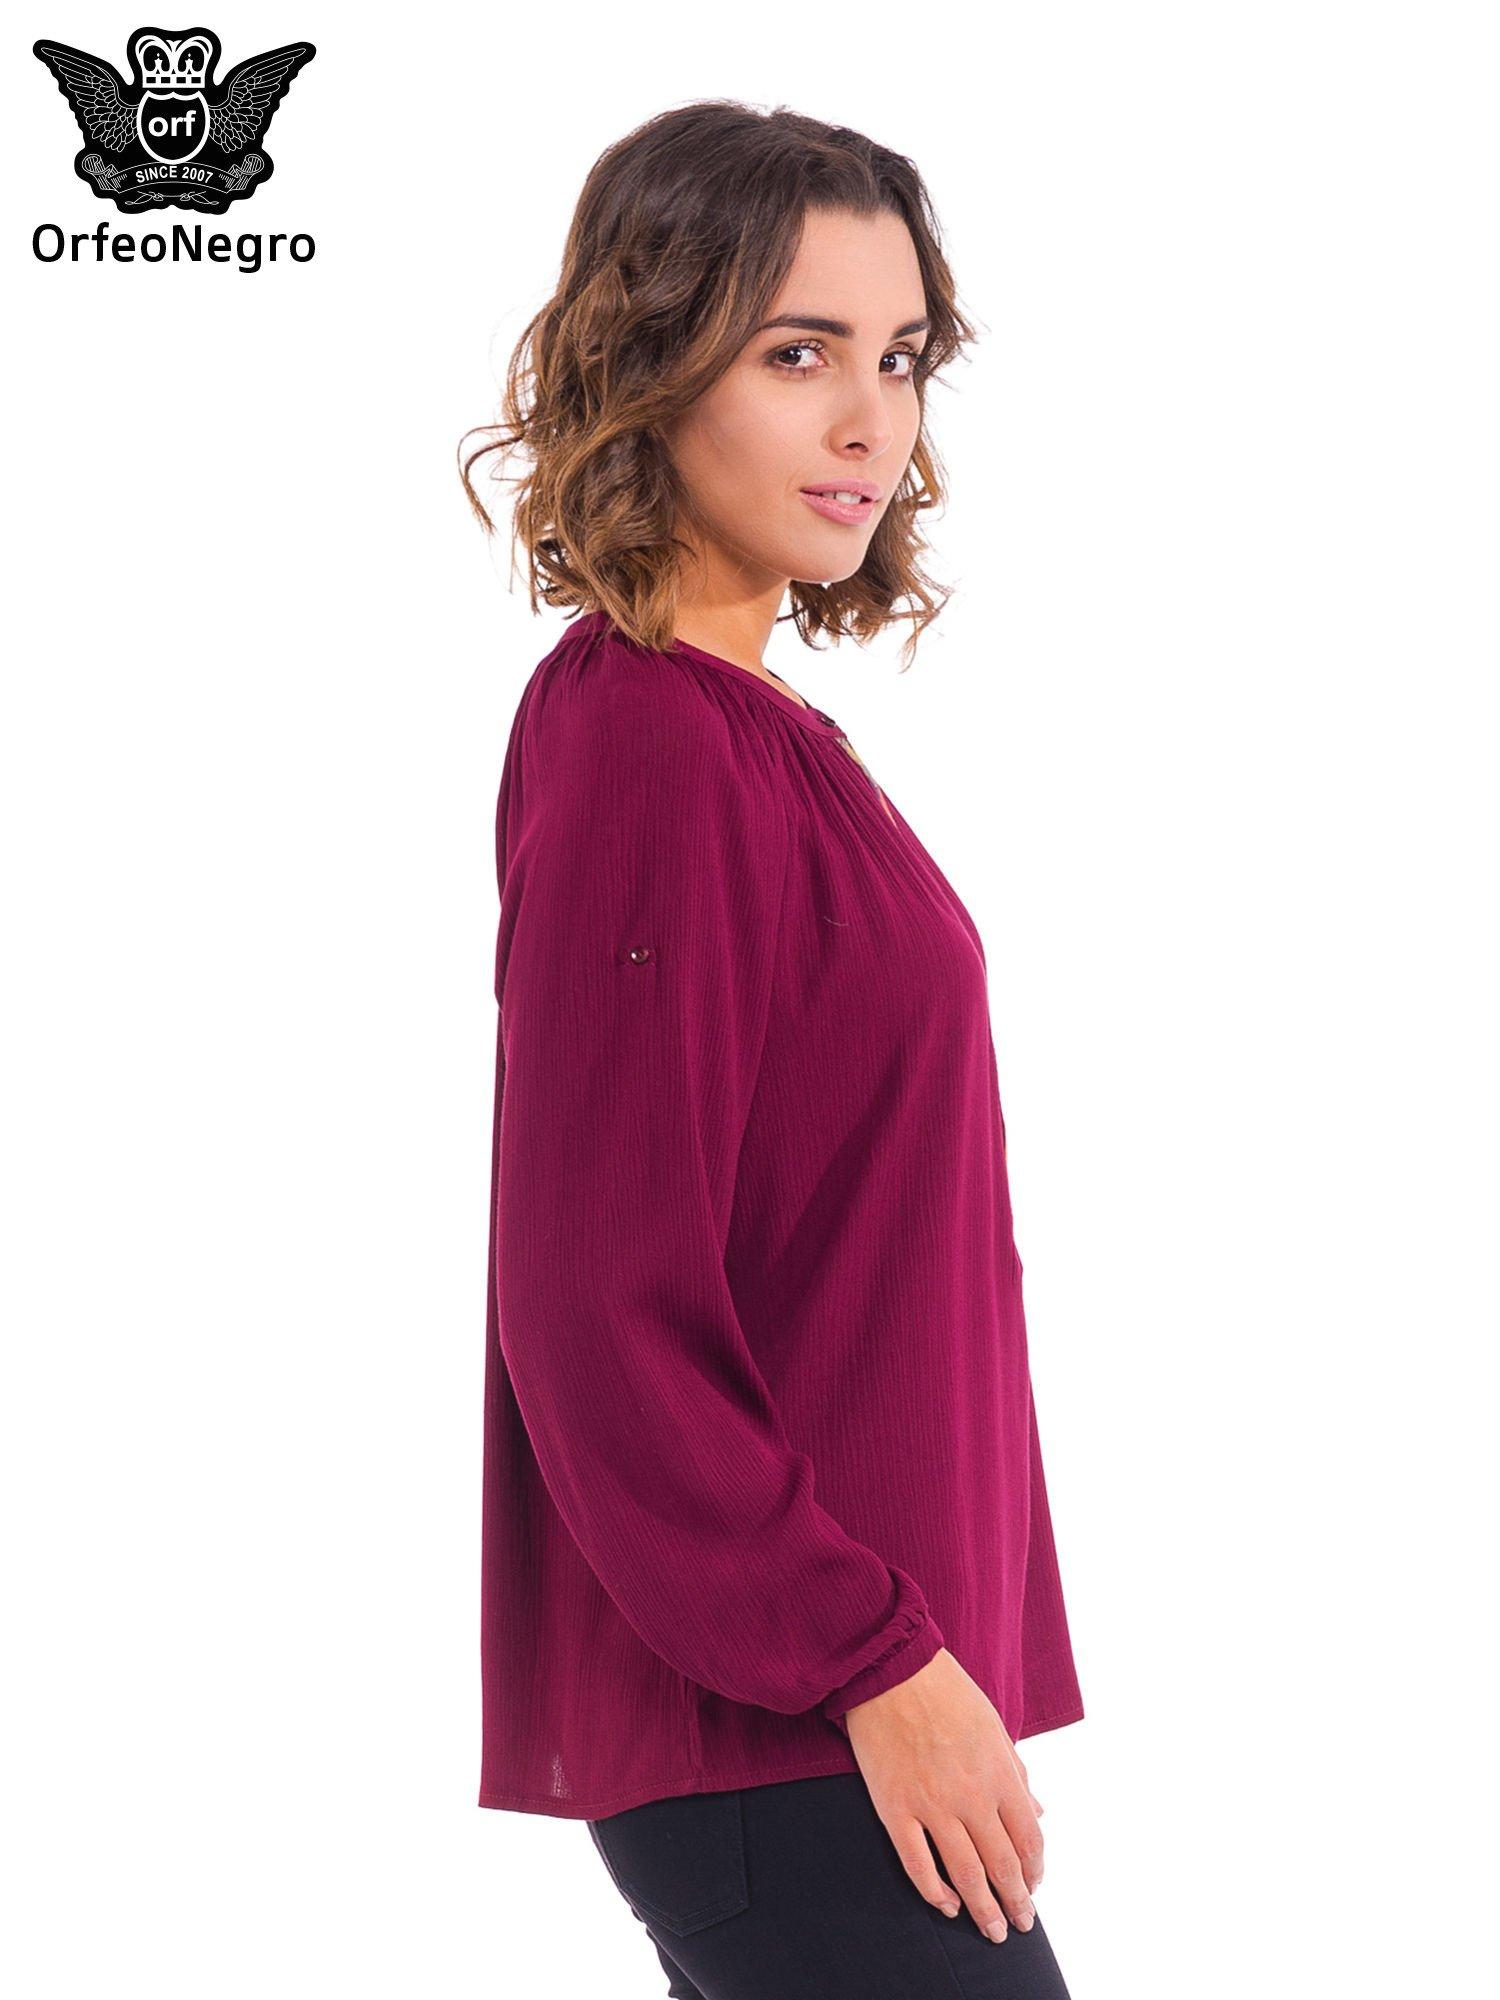 Bordowa koszula z marszczony dekoltem i wzorzystą wstawką w stylu hippie                                  zdj.                                  3